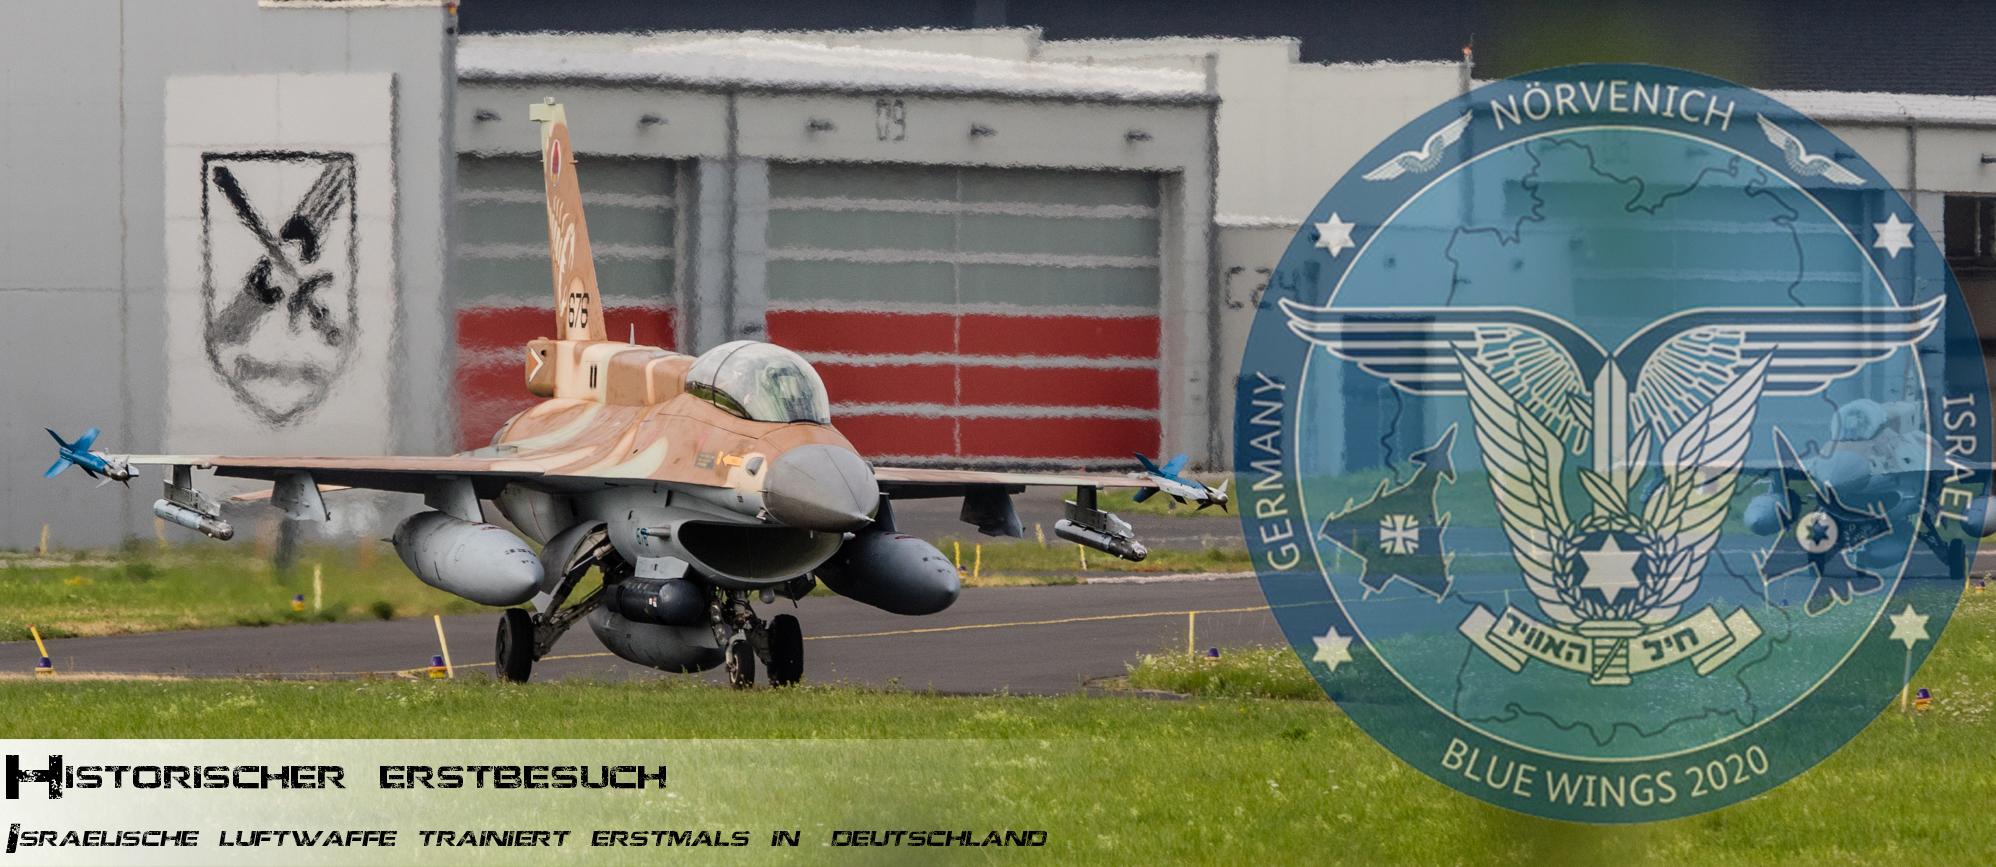 Historischer Erstbesuch - israelische Luftwaffe trainiert erstmals in Deutschland